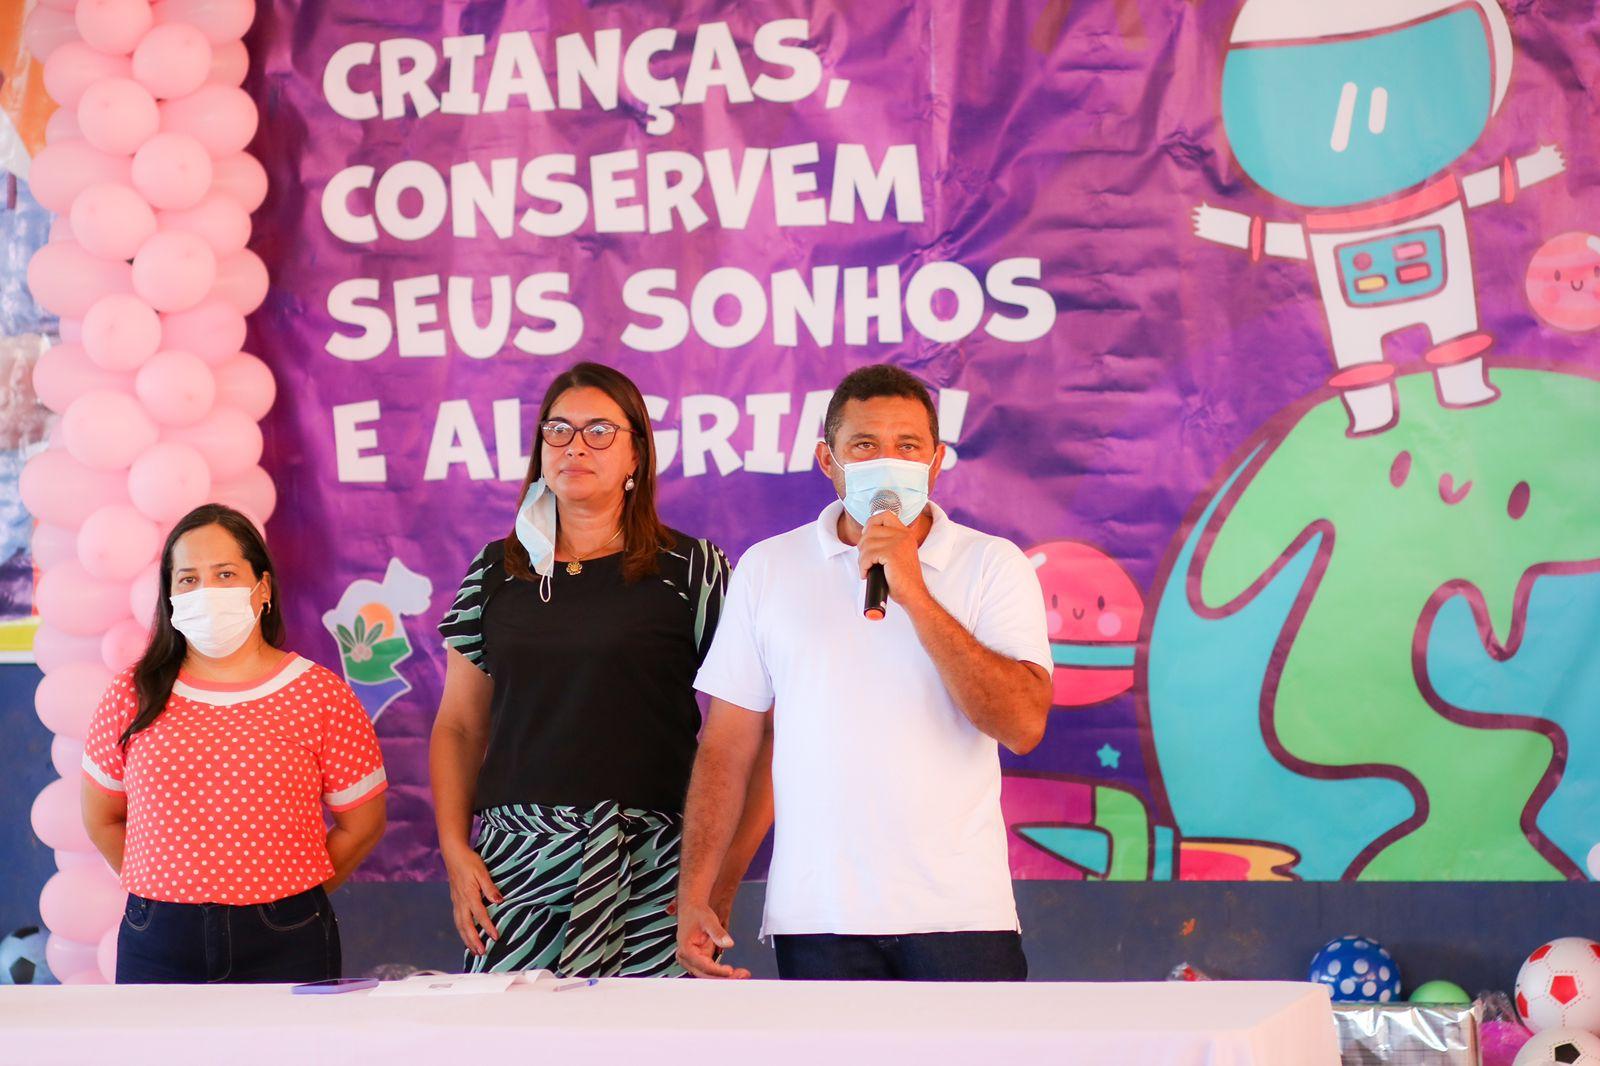 Prefeito Arnóbio promove mega festa em comemoração ao dia das crianças em Jenipapo dos Vieiras